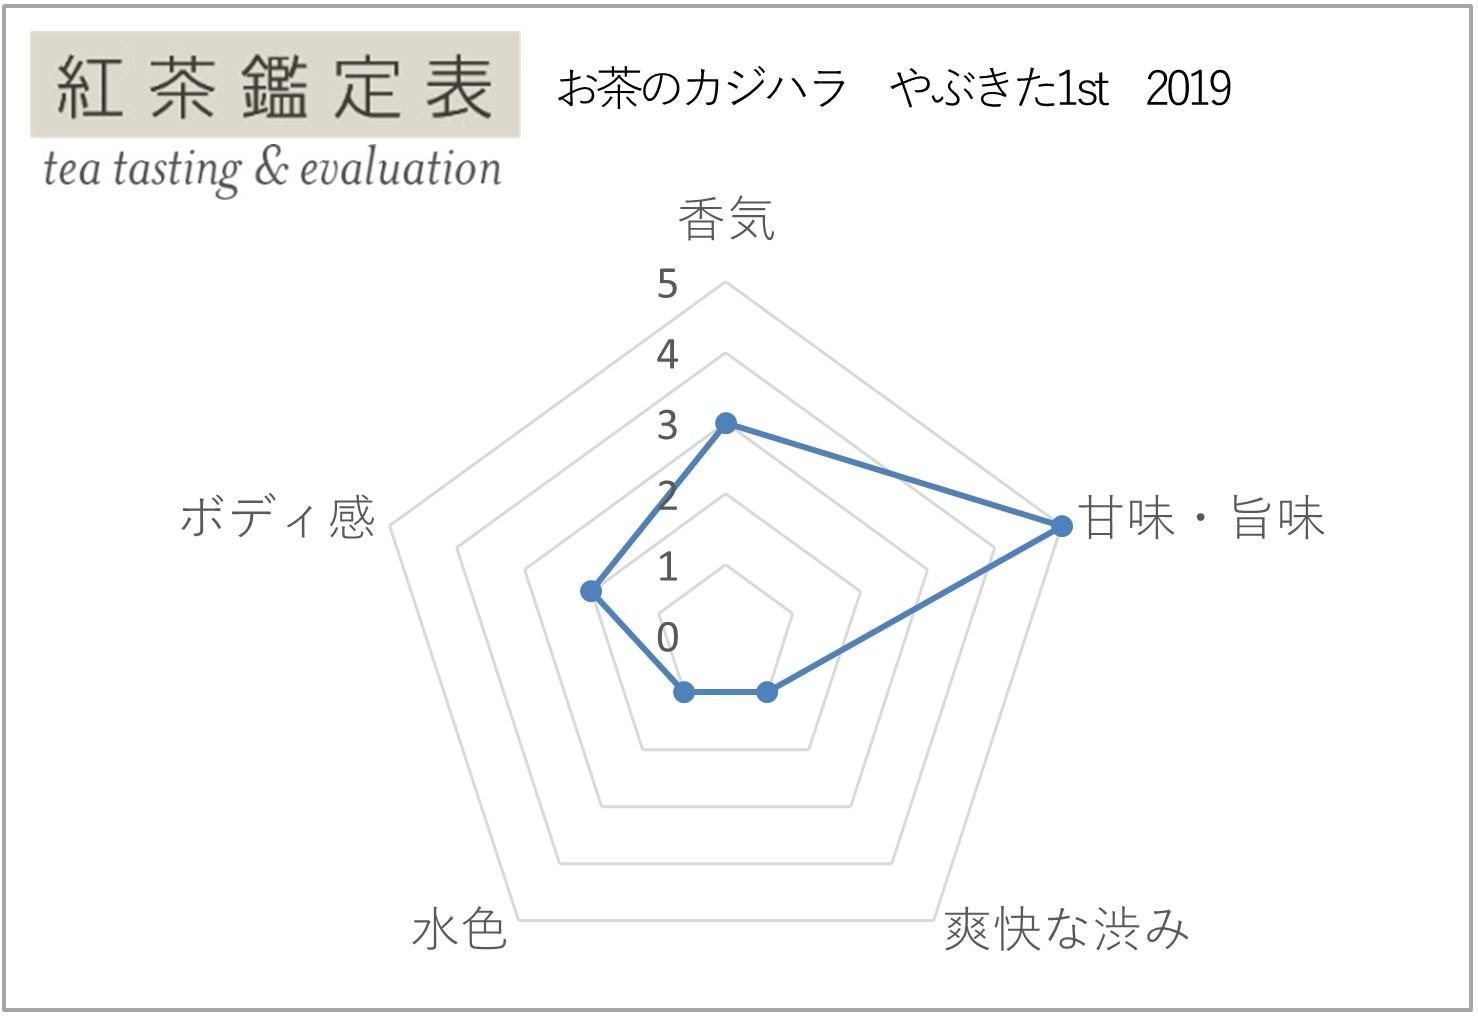 【お茶のカジハラ】やぶきた1st 2019 紅茶鑑定表